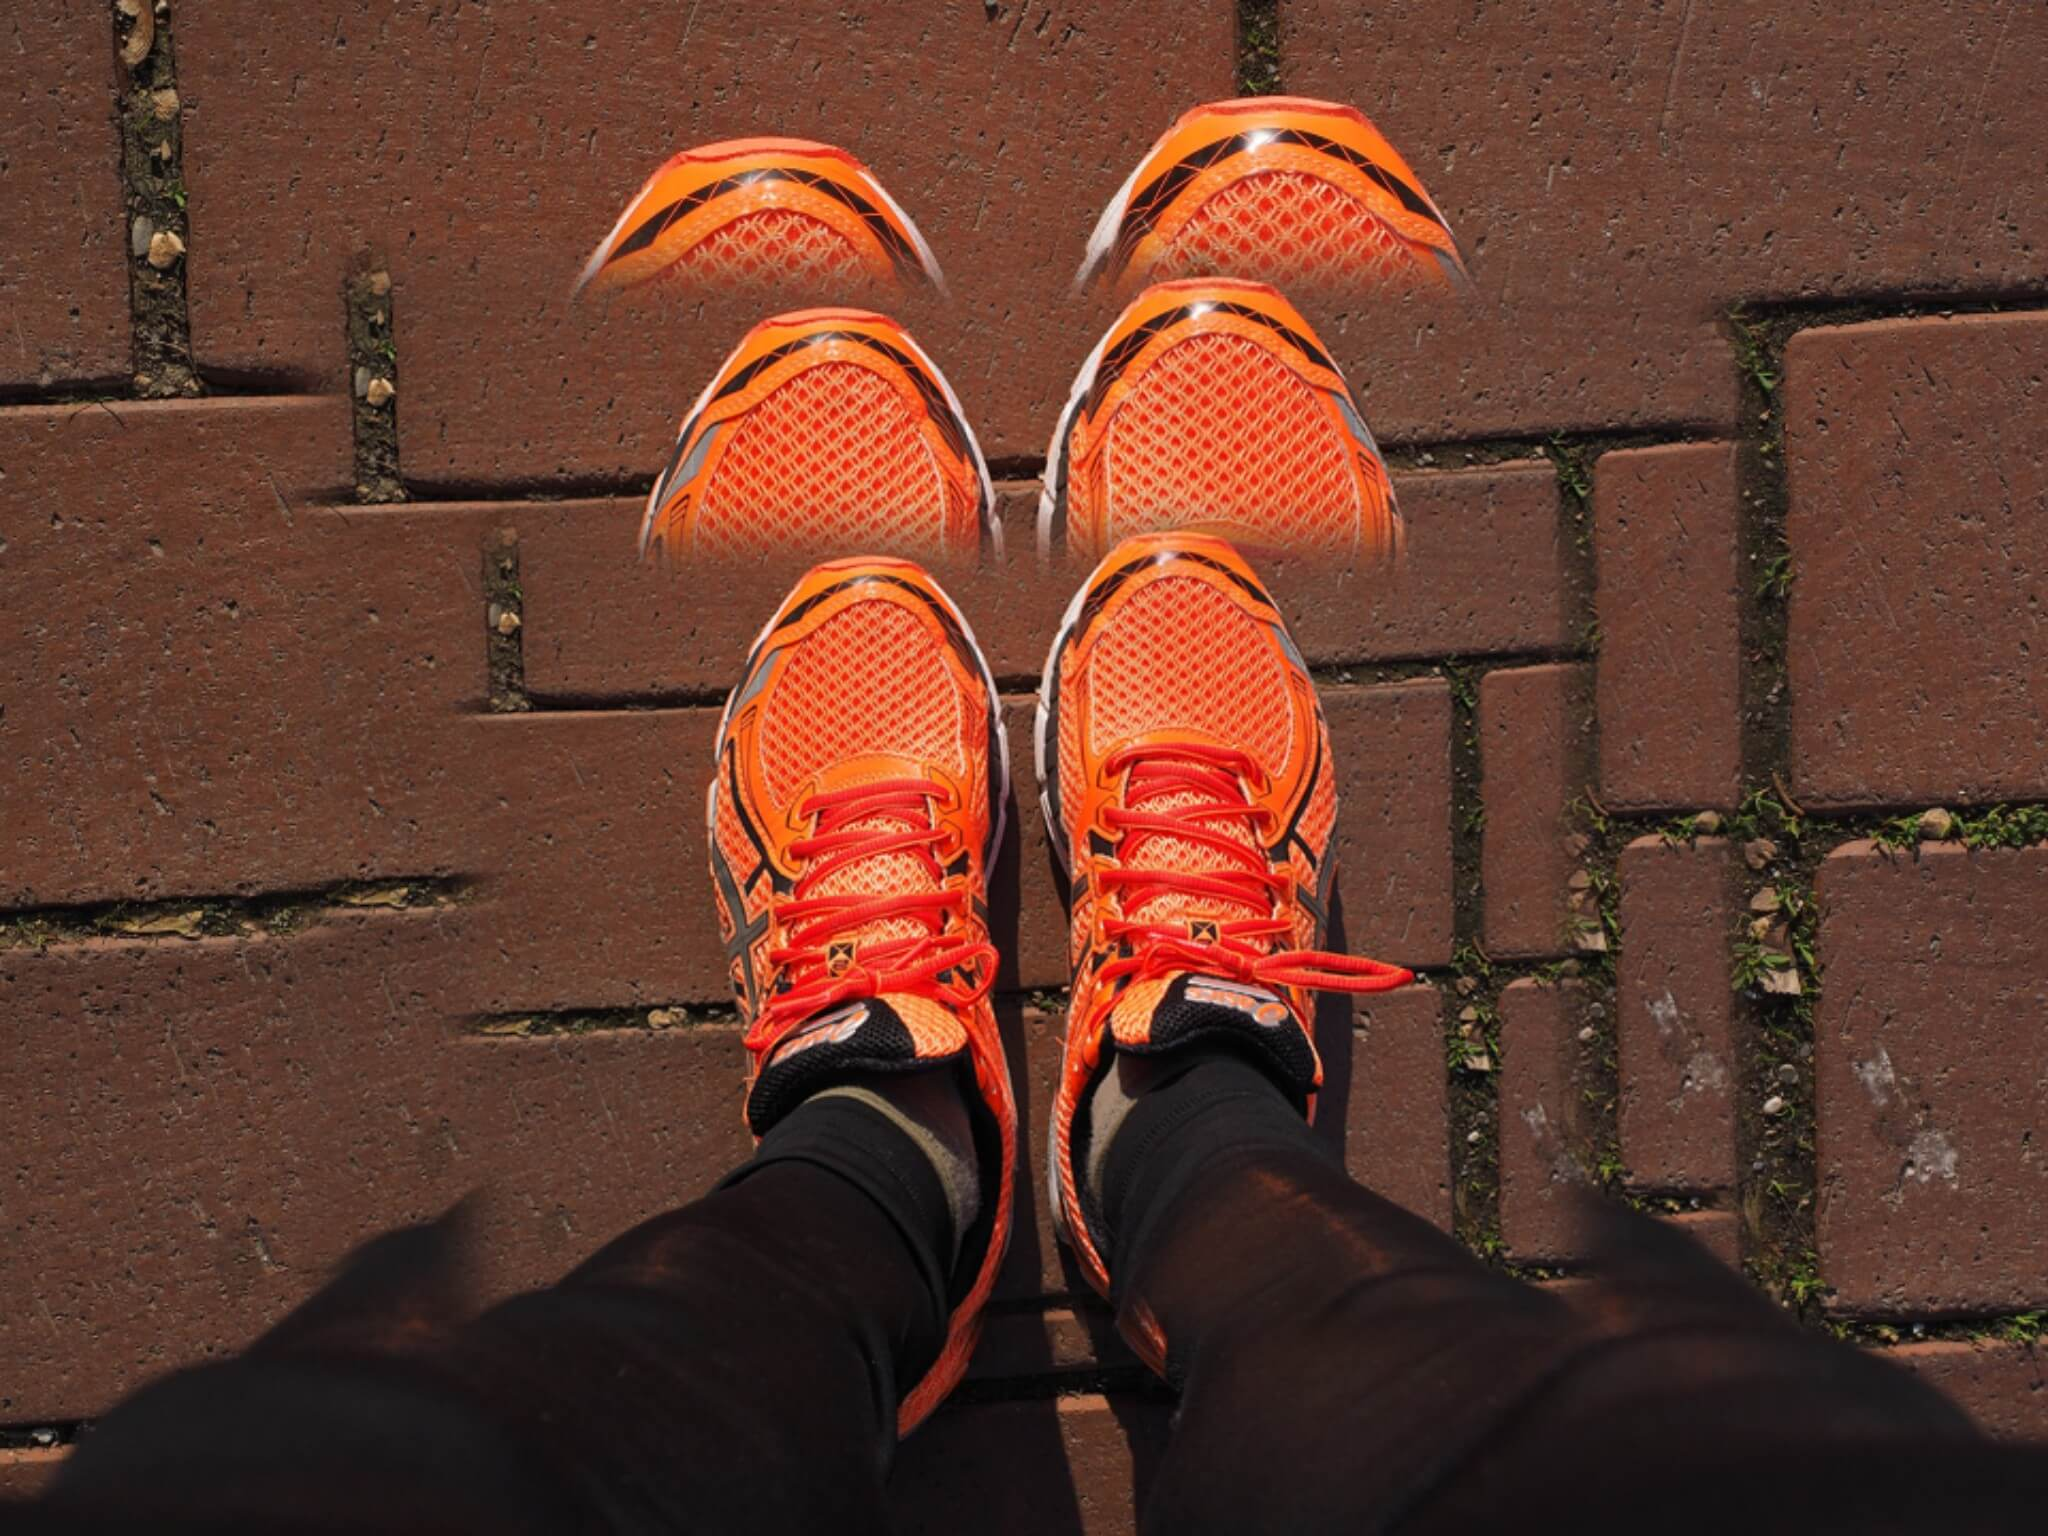 Quali scarpe da corsa scegliere  Una domanda molto più complessa di quanto  appaia e la cui risposta può essere diversa in base alle caratteristiche di  chi ... a318639229f